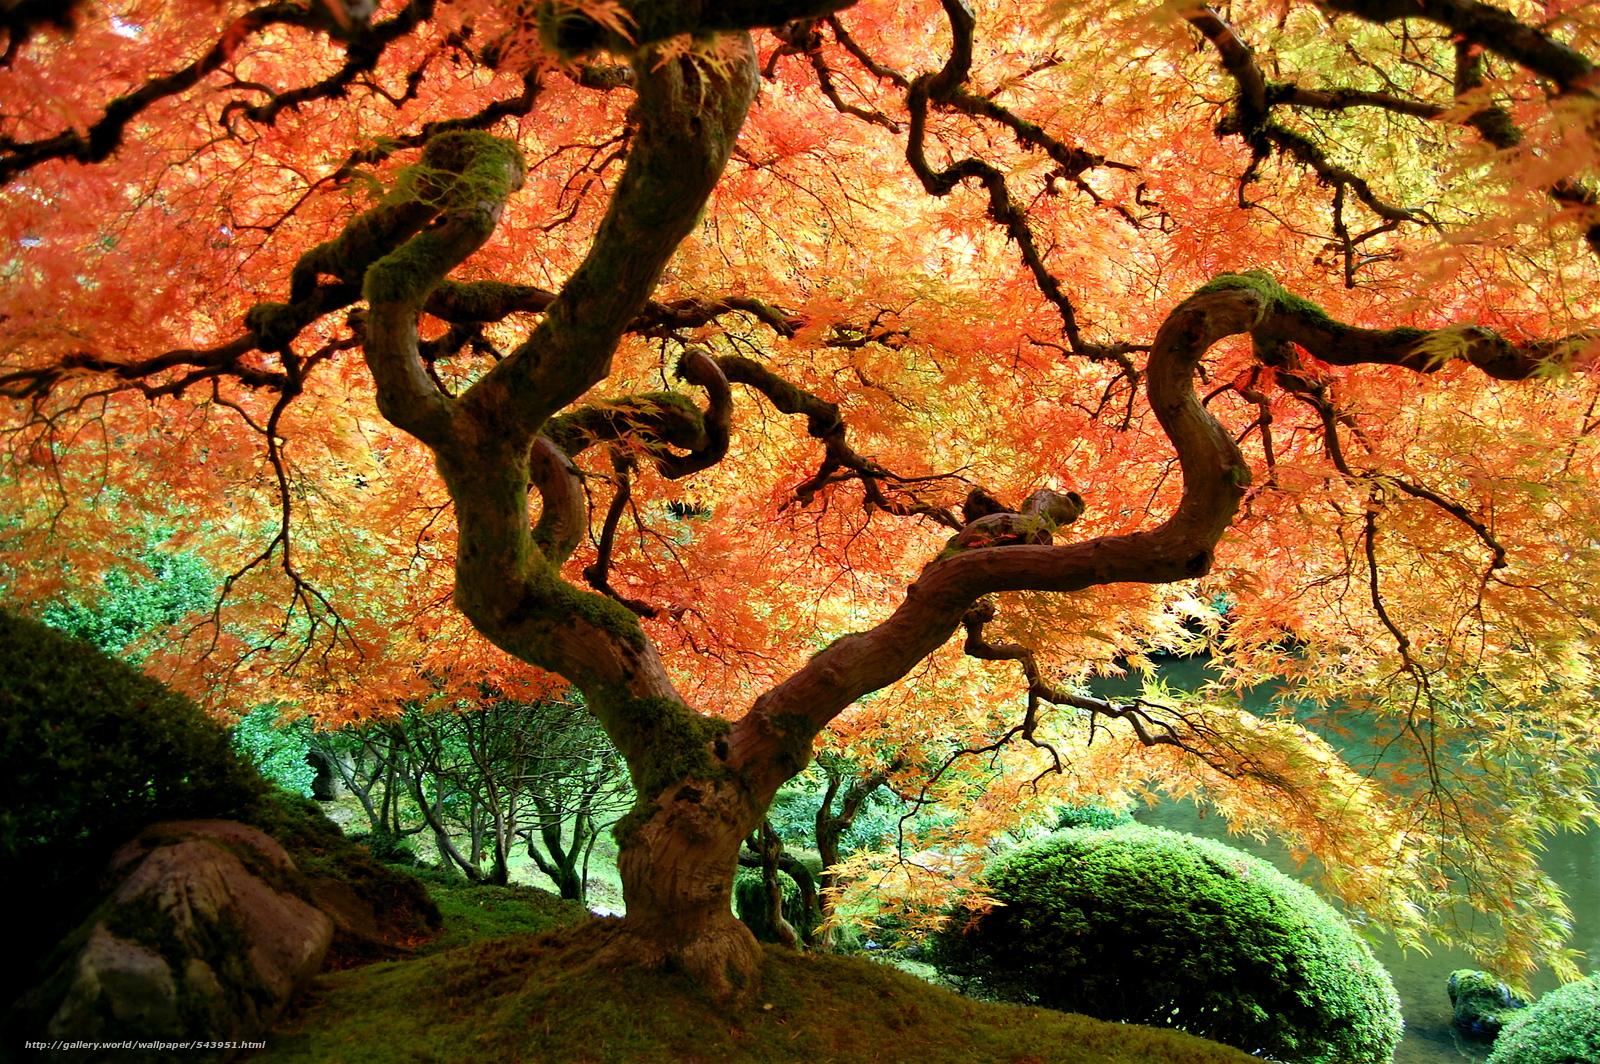 Tlcharger fond d 39 ecran jardin japonais portland arbres paysage fonds d 39 ecran gratuits pour - Arbre pour jardin japonais ...